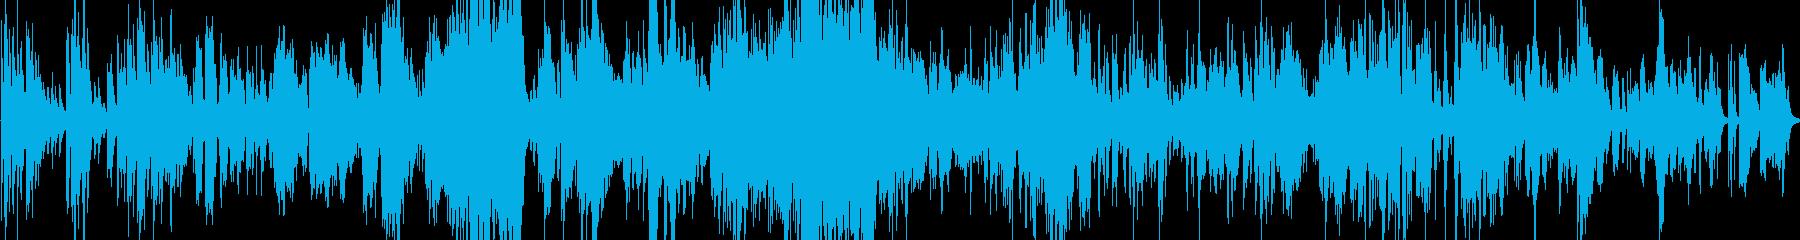 洗練されたアンダートーンで刺激的で...の再生済みの波形